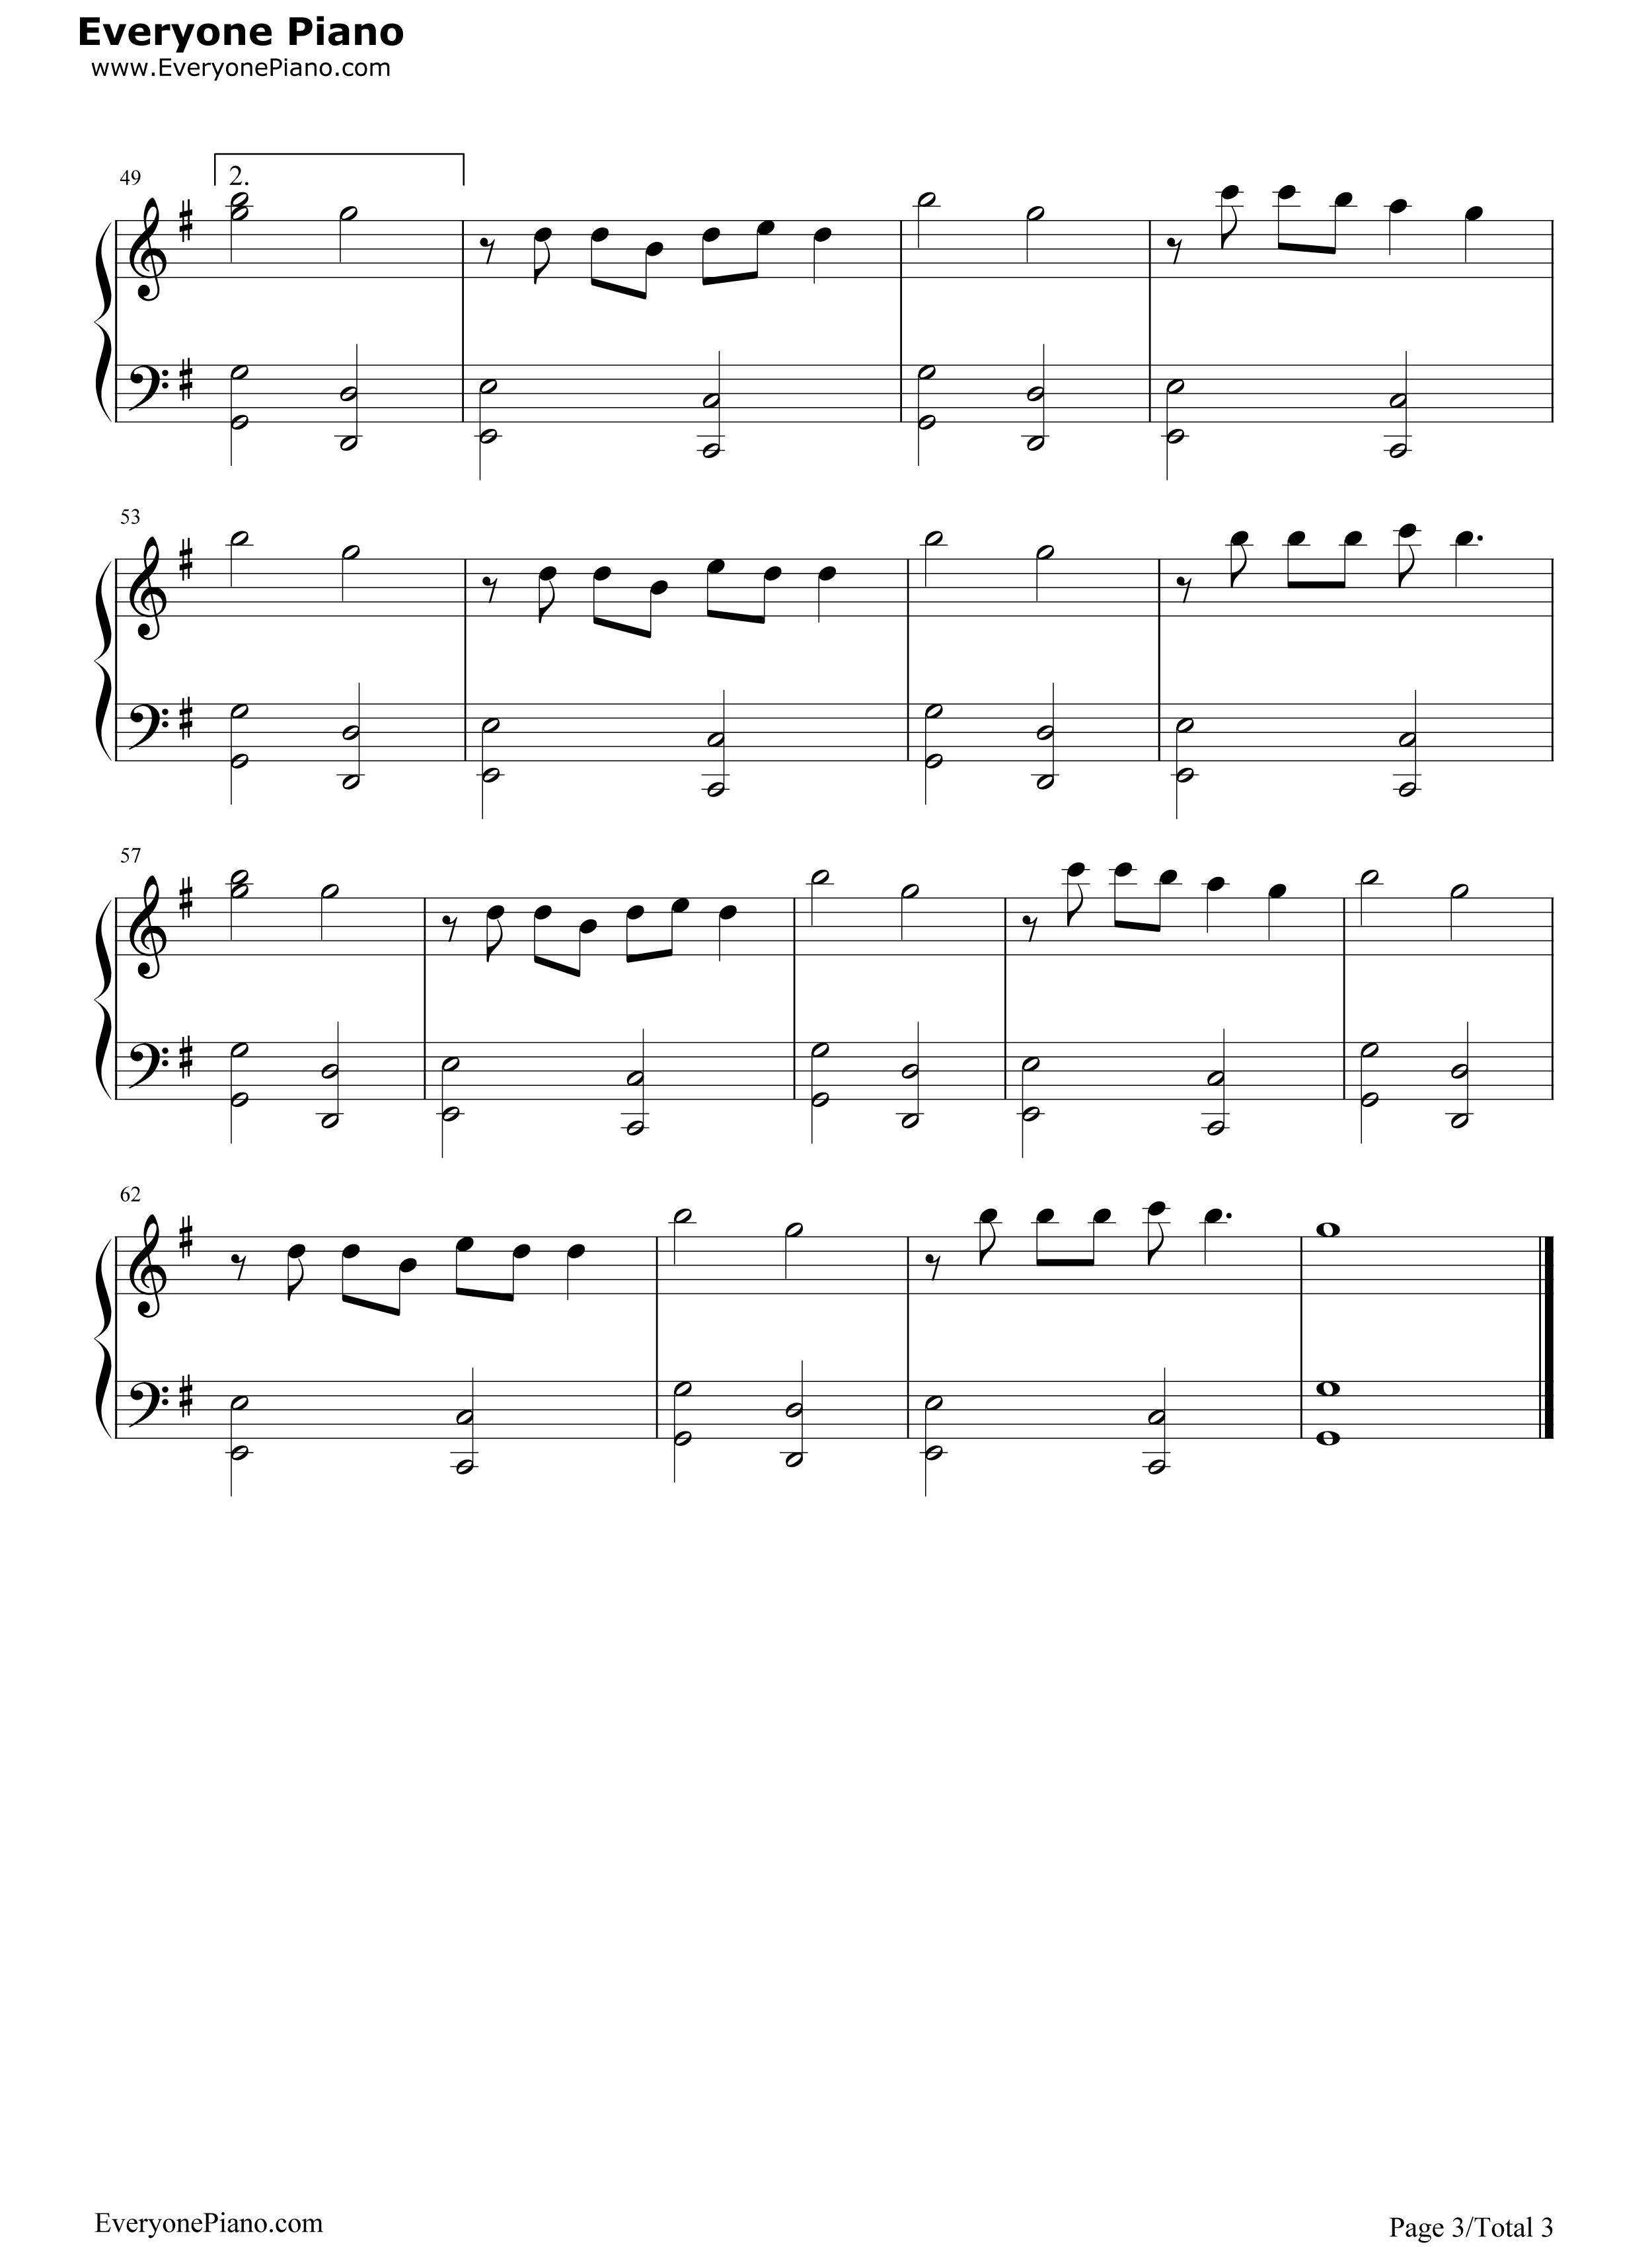 总有幸福在等你-欢乐颂片尾曲五线谱预览3-钢琴谱(,)